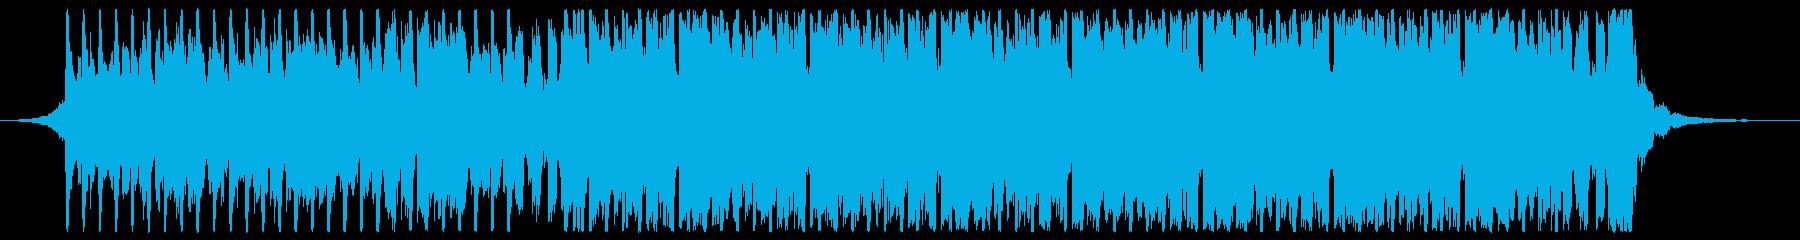 サマーダンスパーティー(ショート1)の再生済みの波形